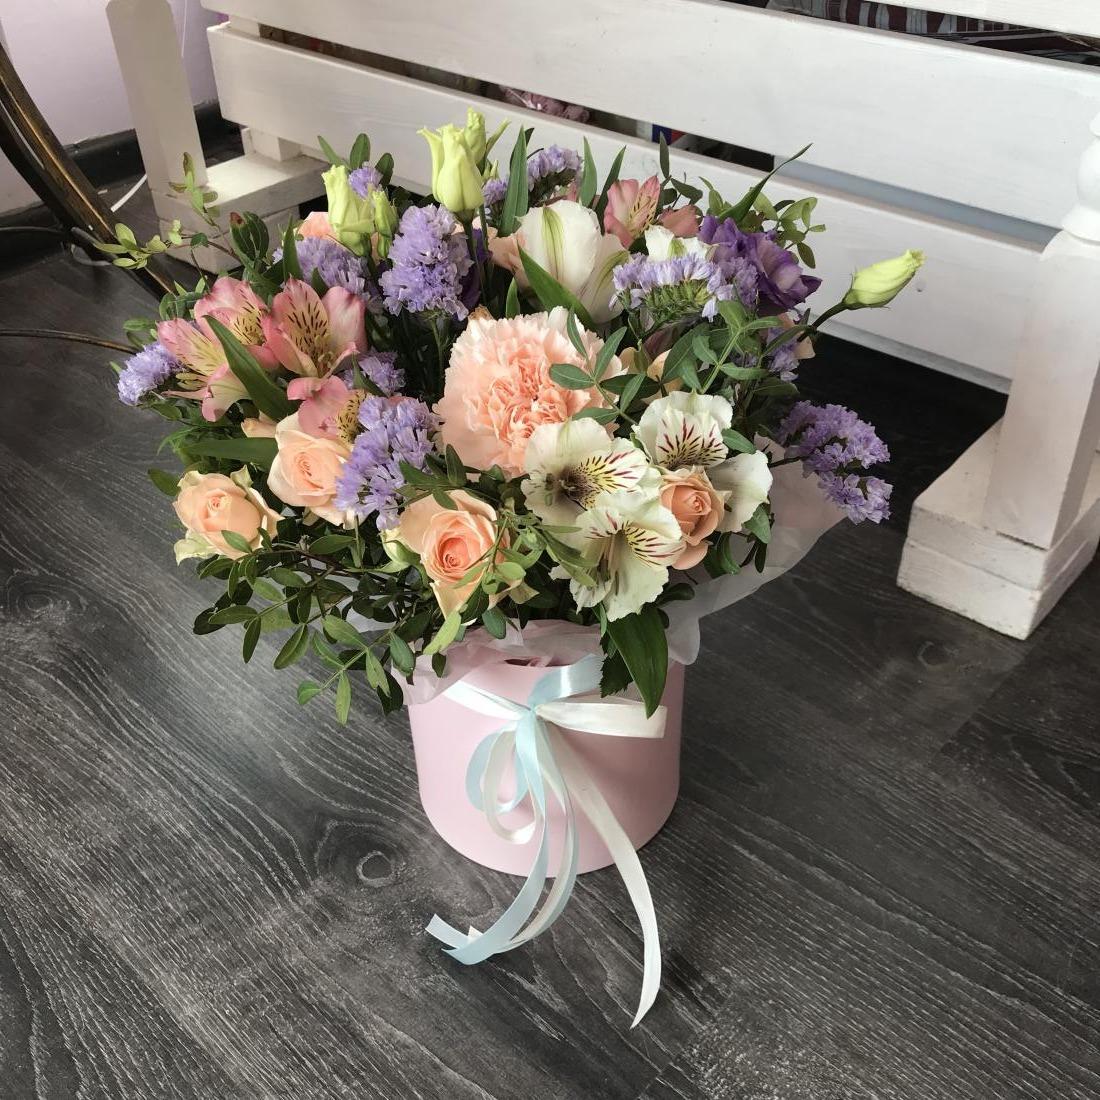 Розы, хризантемы от 2,80 руб/шт, букеты, коробочки с макарунами, корзинки, конверты, ящики от 12 руб.